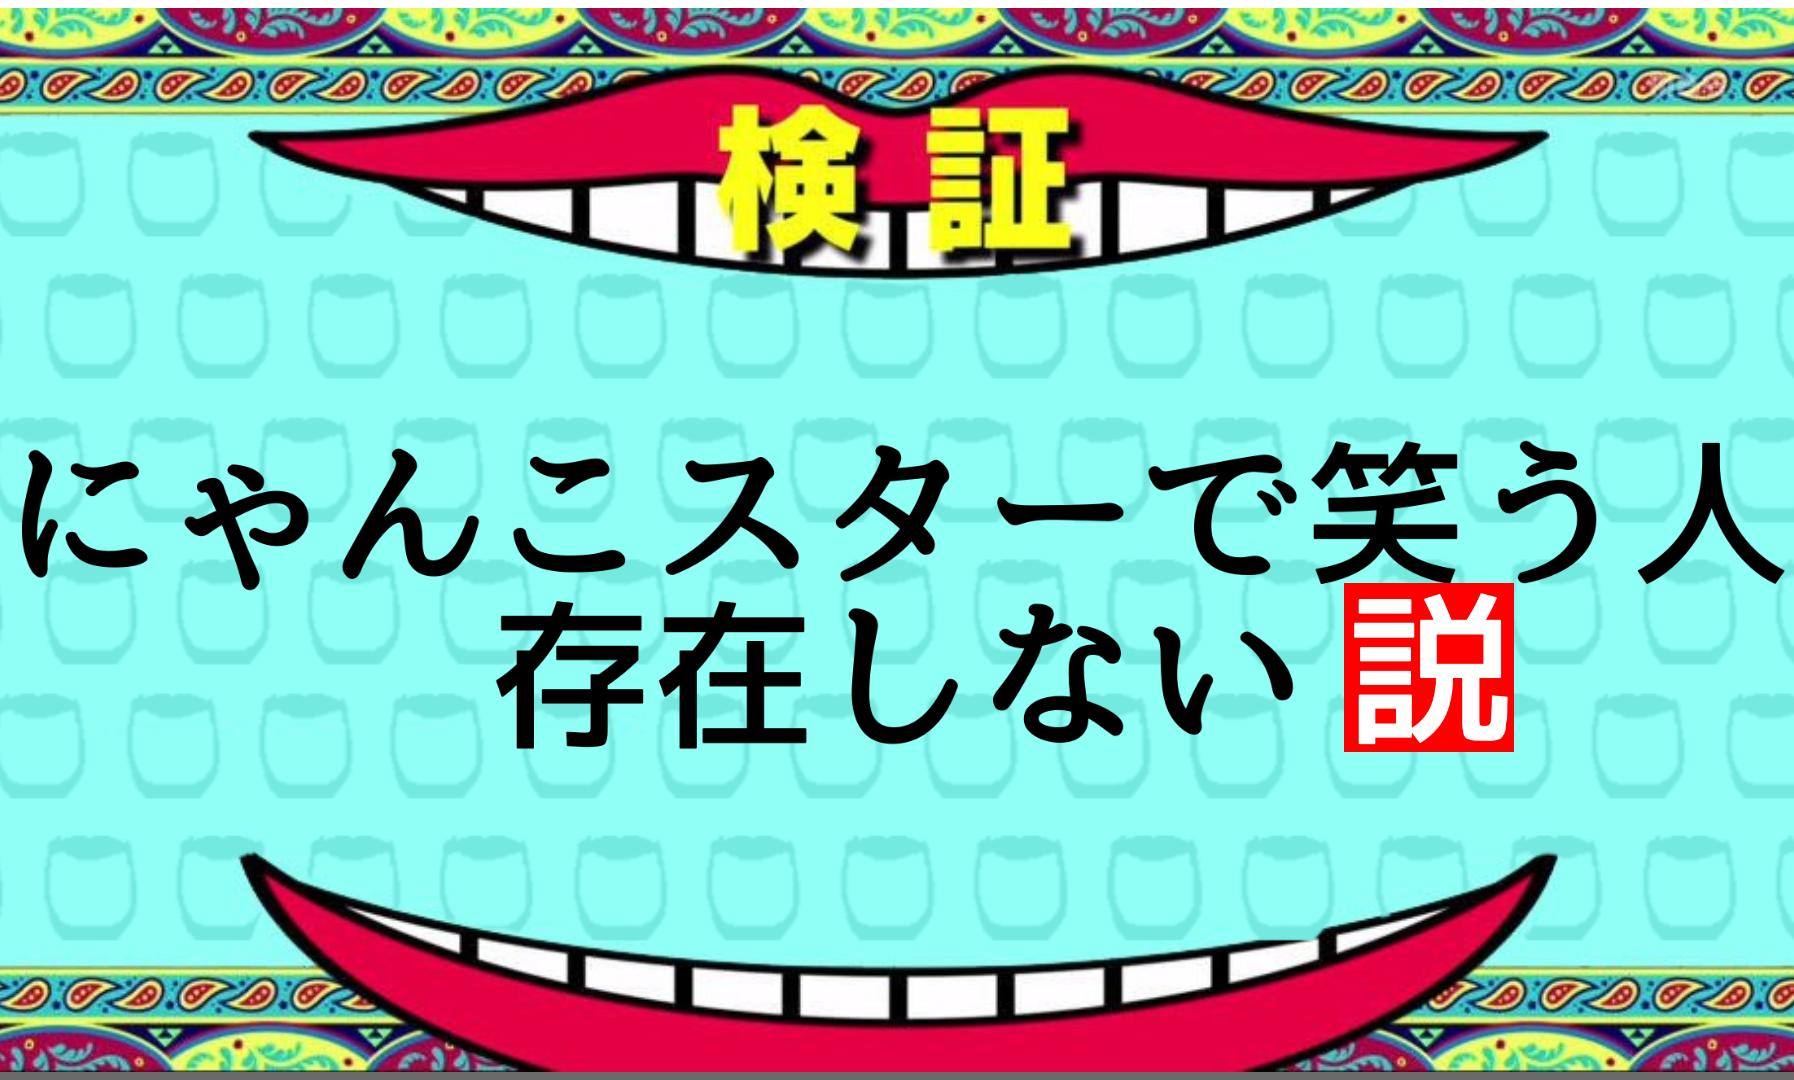 【実況・感想】新春しゃべくり007超超超豪華な4時間半…人気者総勢50人5本立てSP